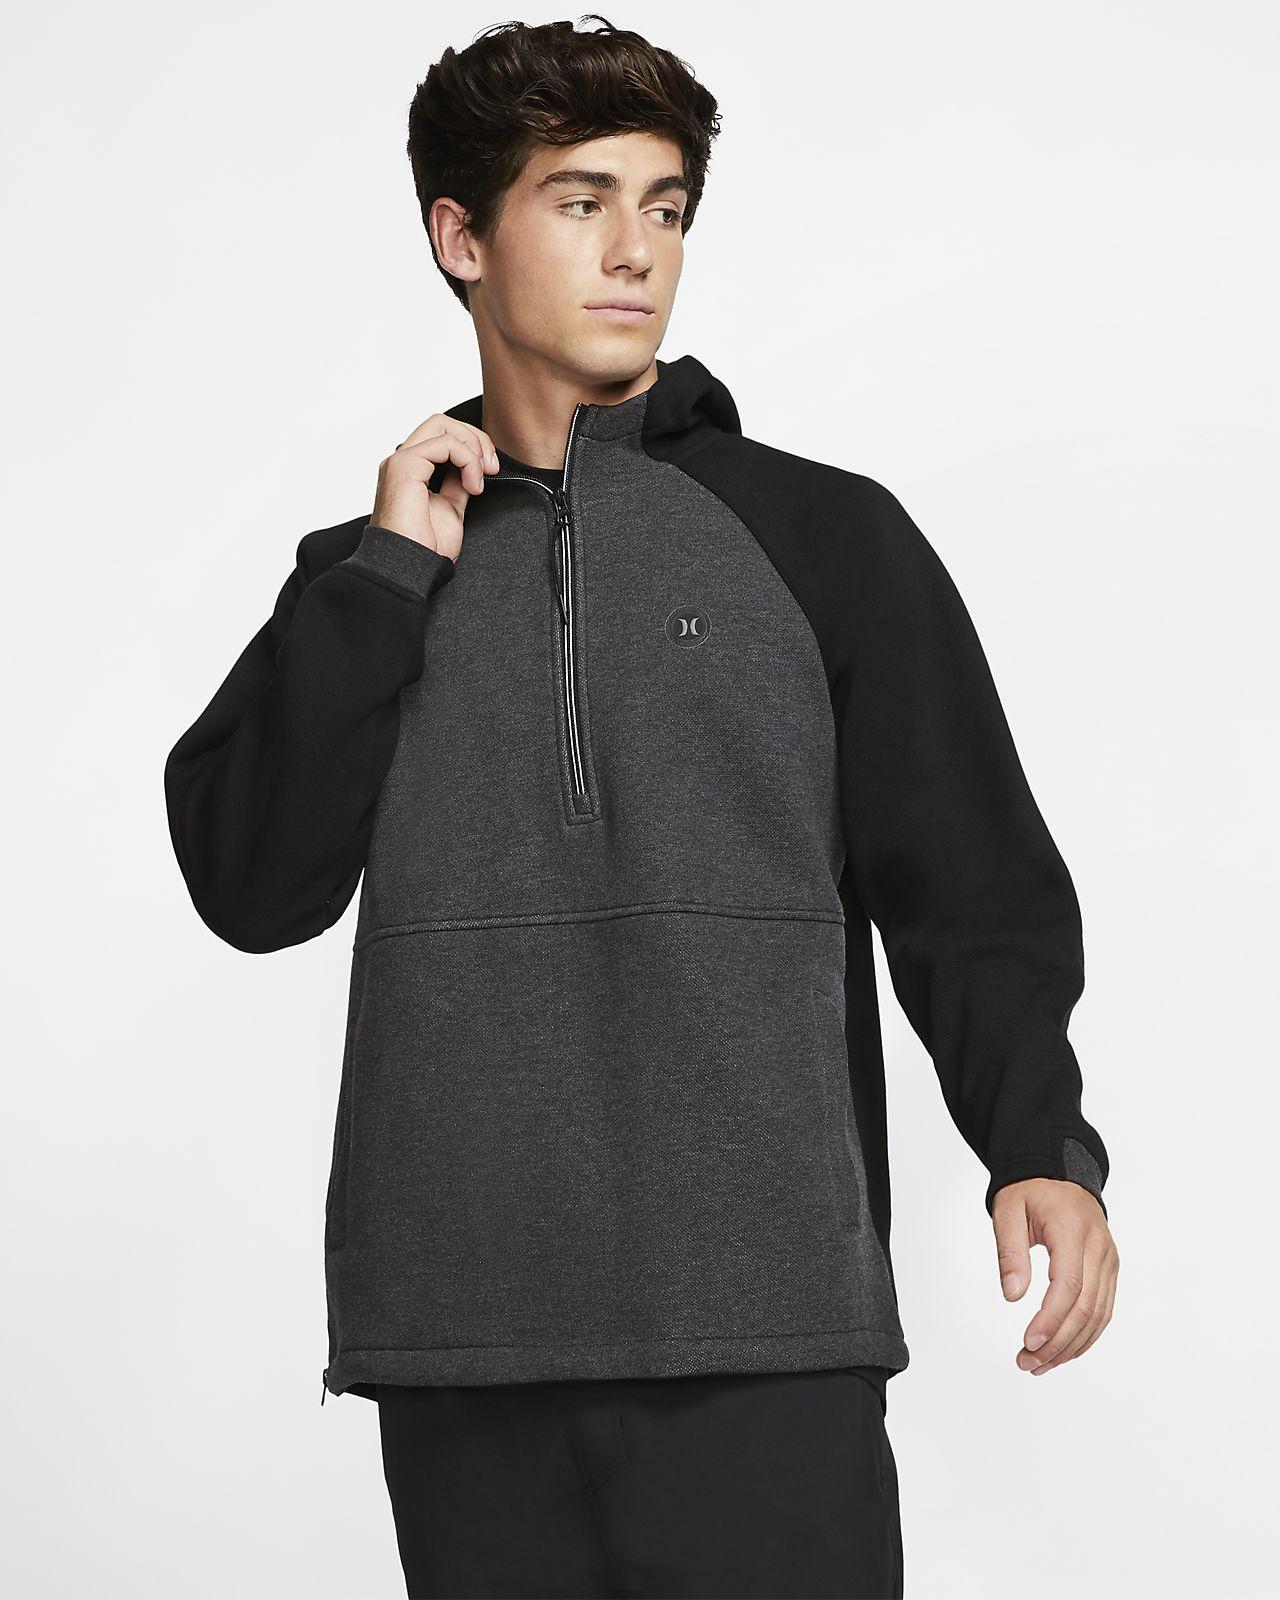 Hurley Therma Endure Elite Camiseta de tejido Fleece y cremallera de 1/4 - Hombre